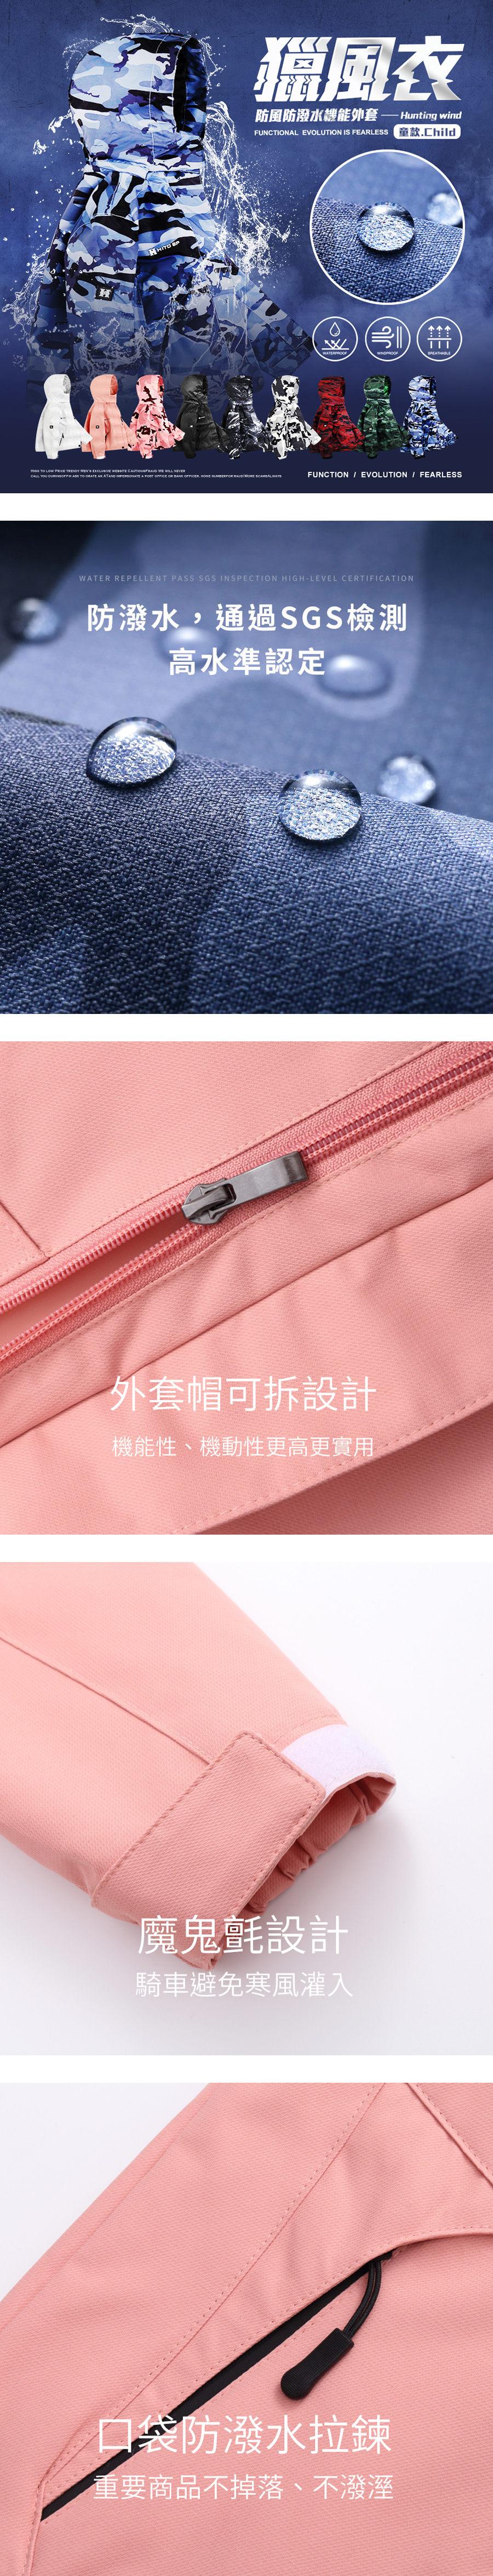 【獵風衣.童款】防風防潑水機能外套.無所畏懼.SGS雙認證